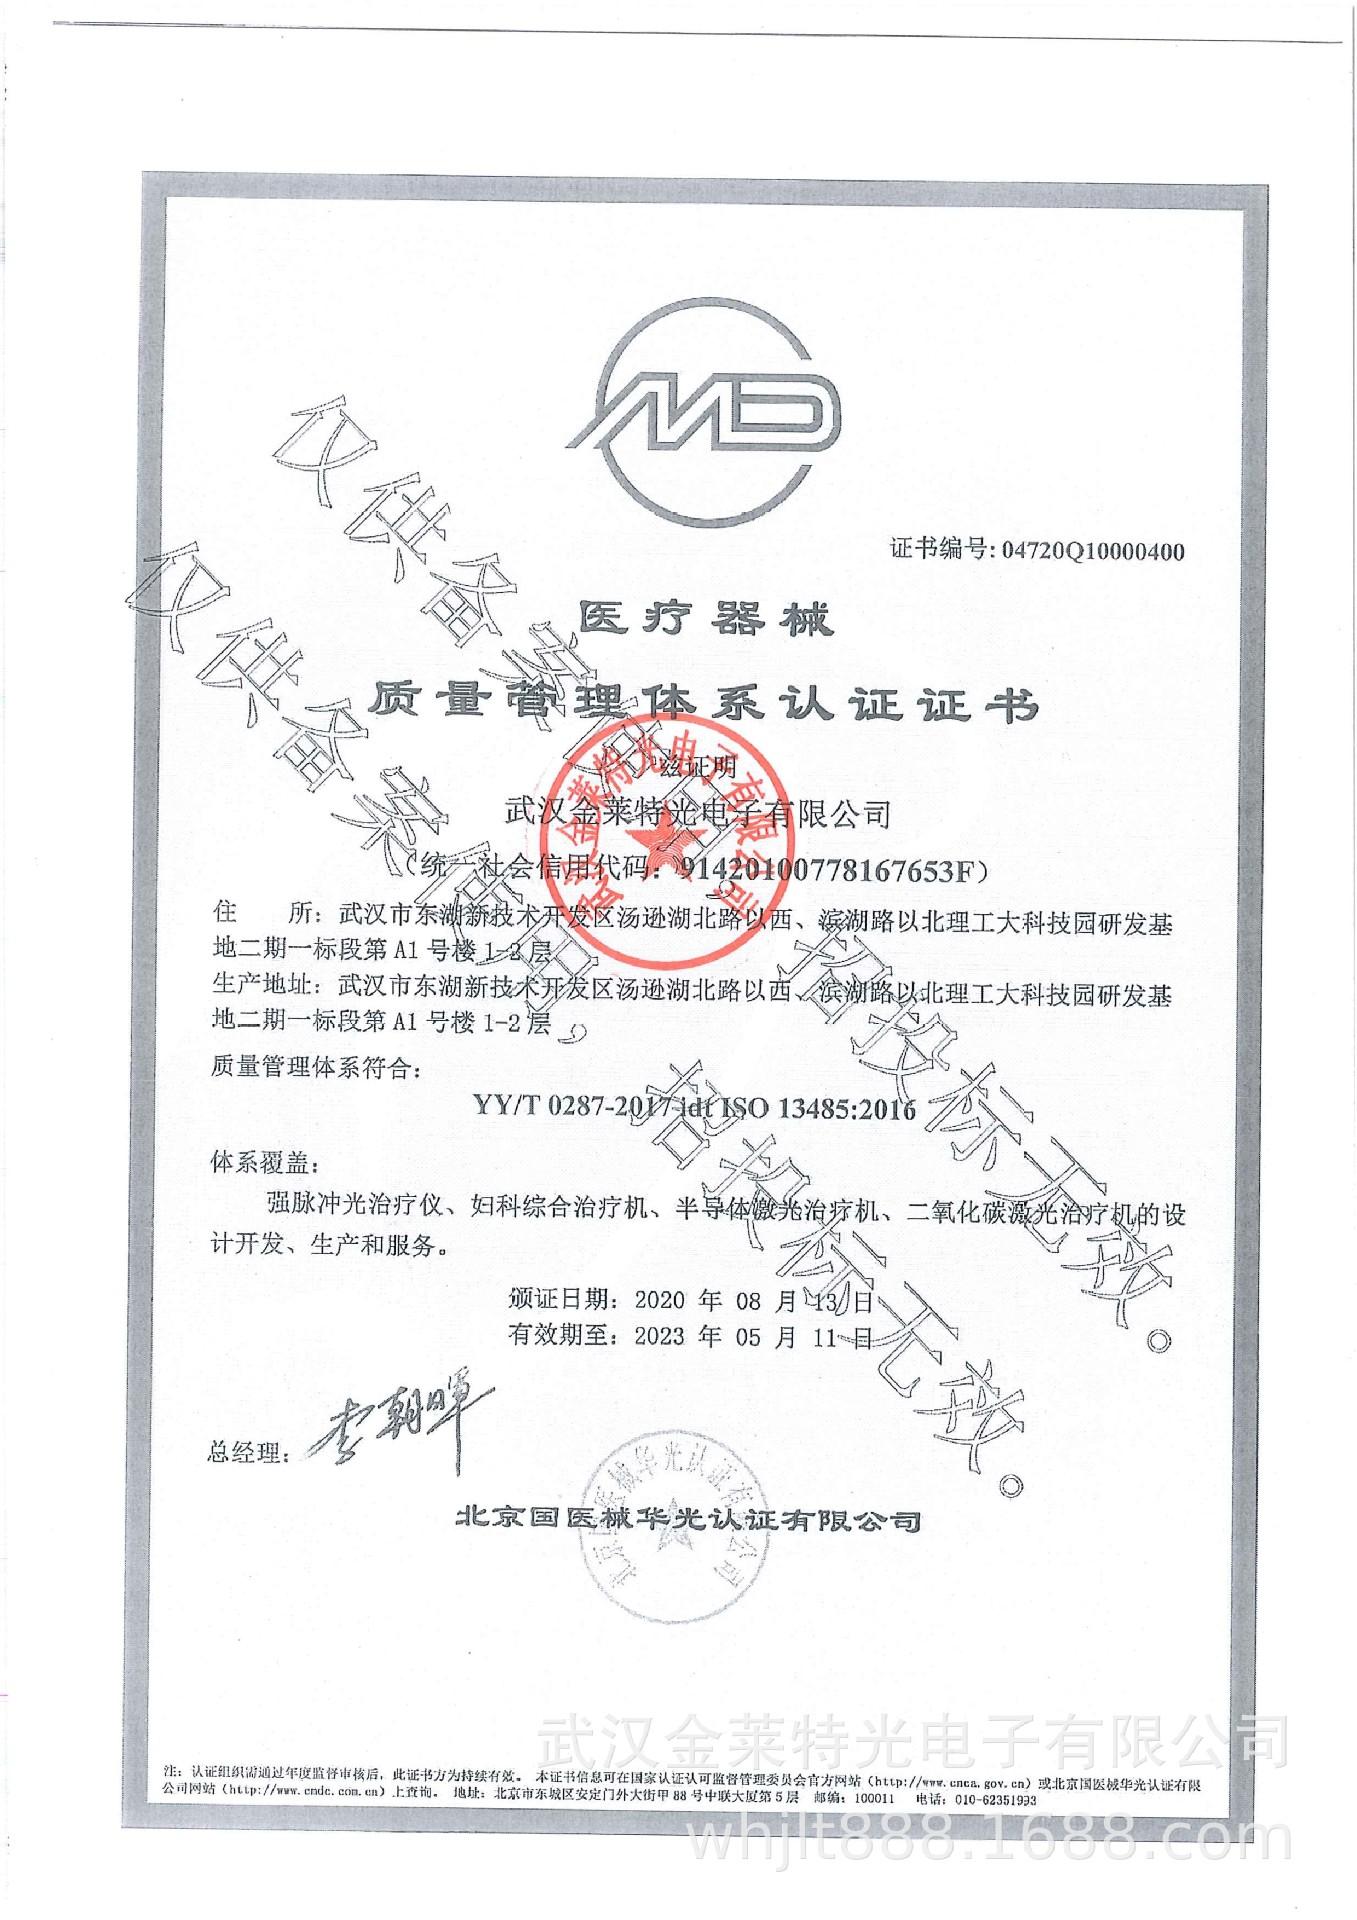 3.质量体系认证(2)备案.jpg